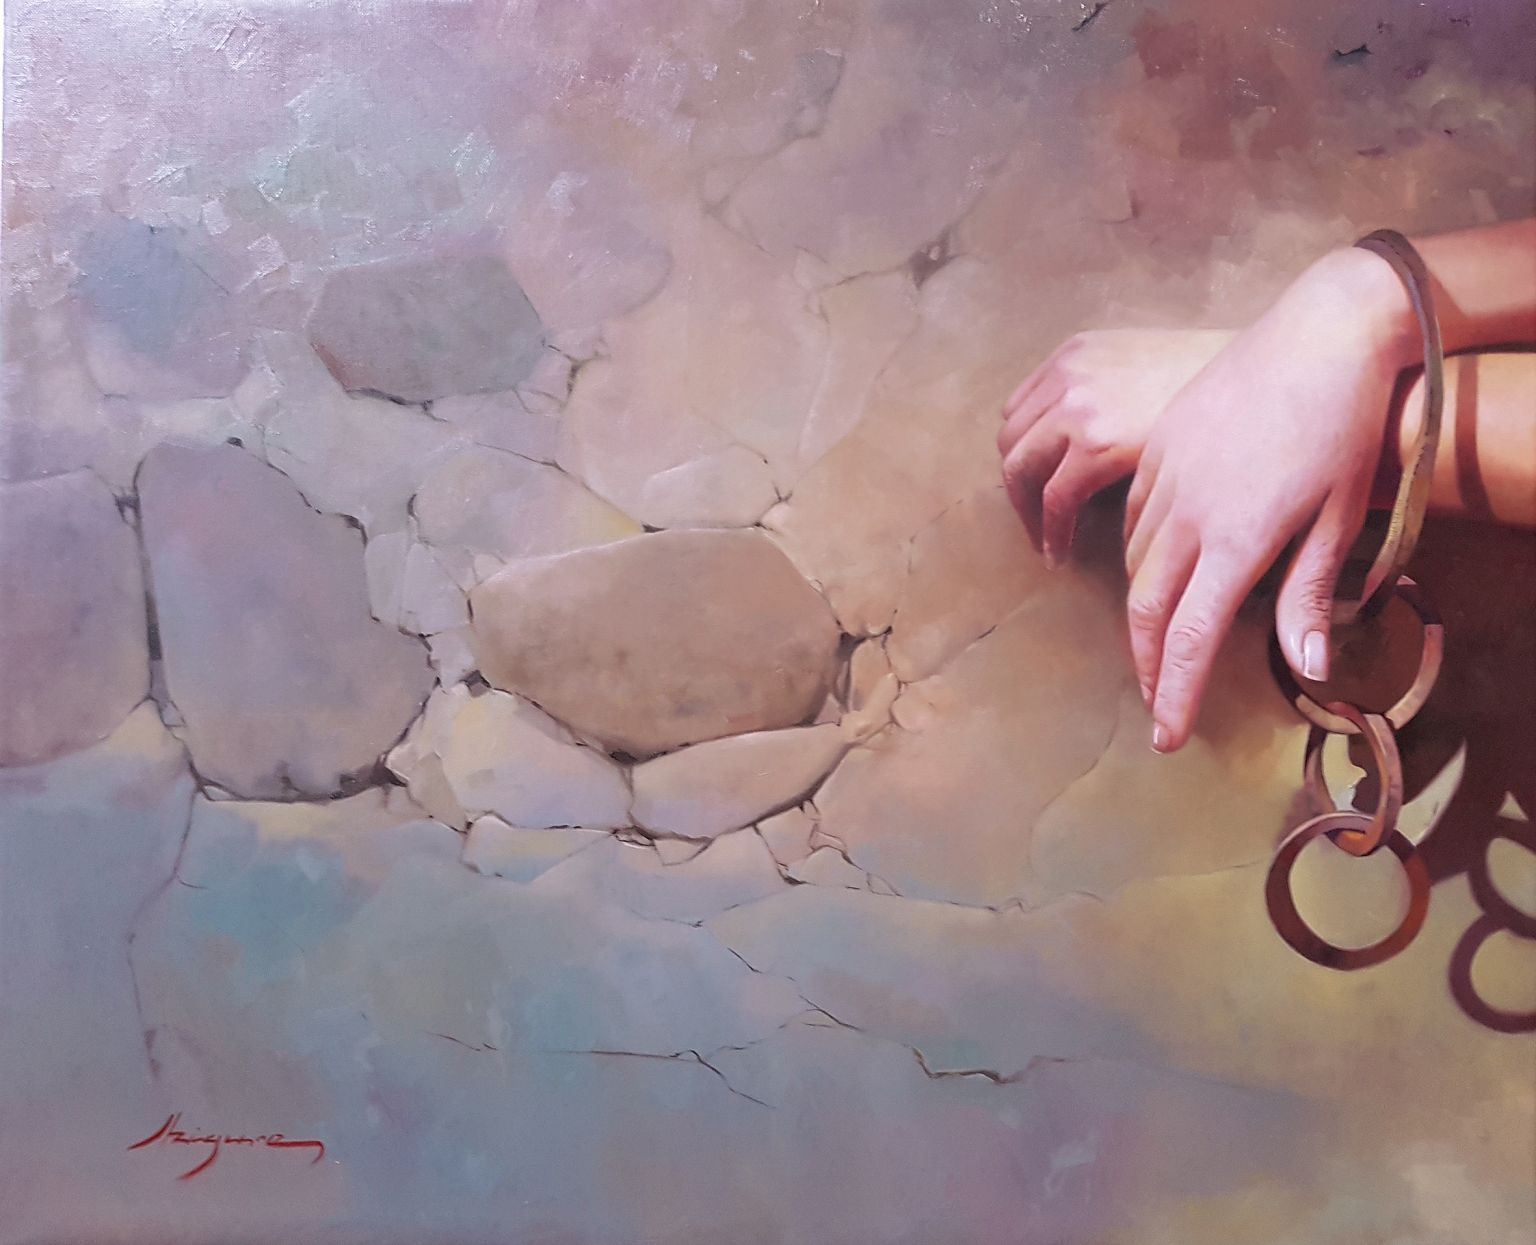 prisionera de sus deseos (2017) - Jose Higuera